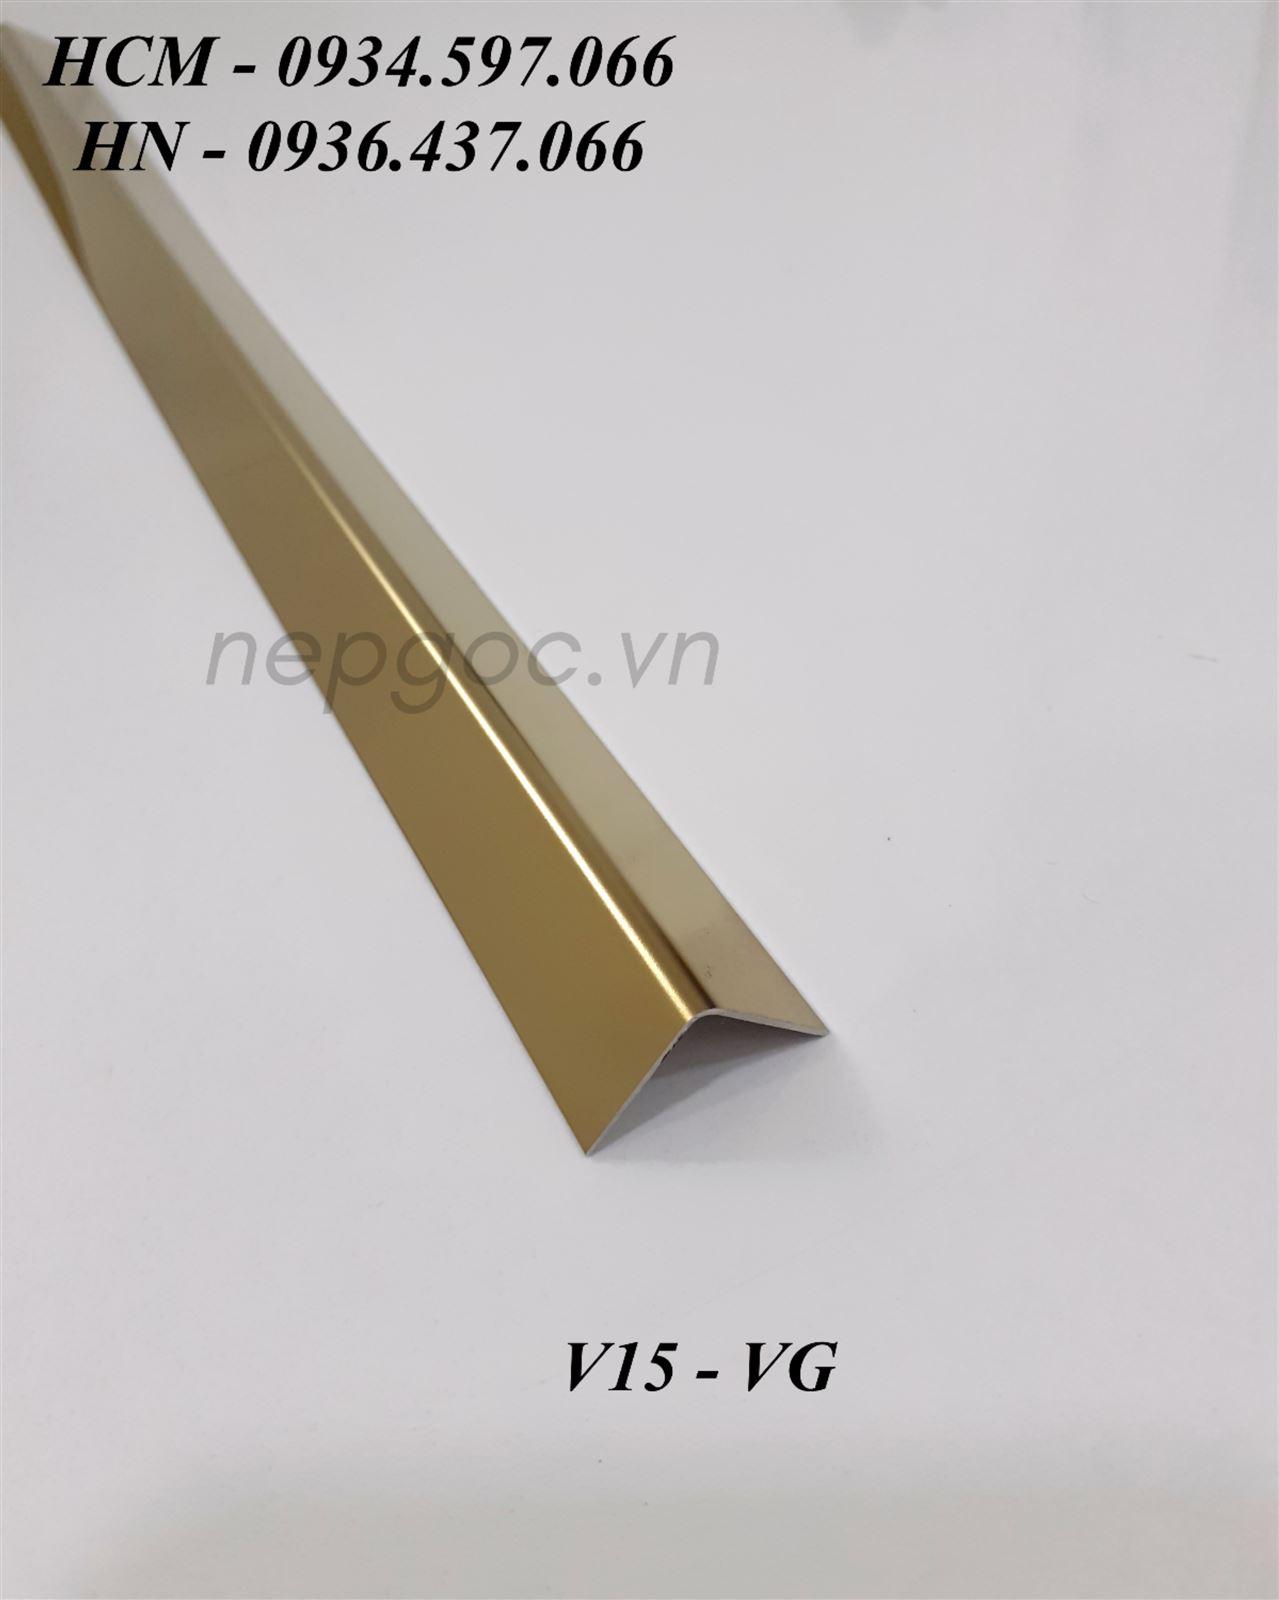 Nẹp Inox JECA V15mm màu vàng gương